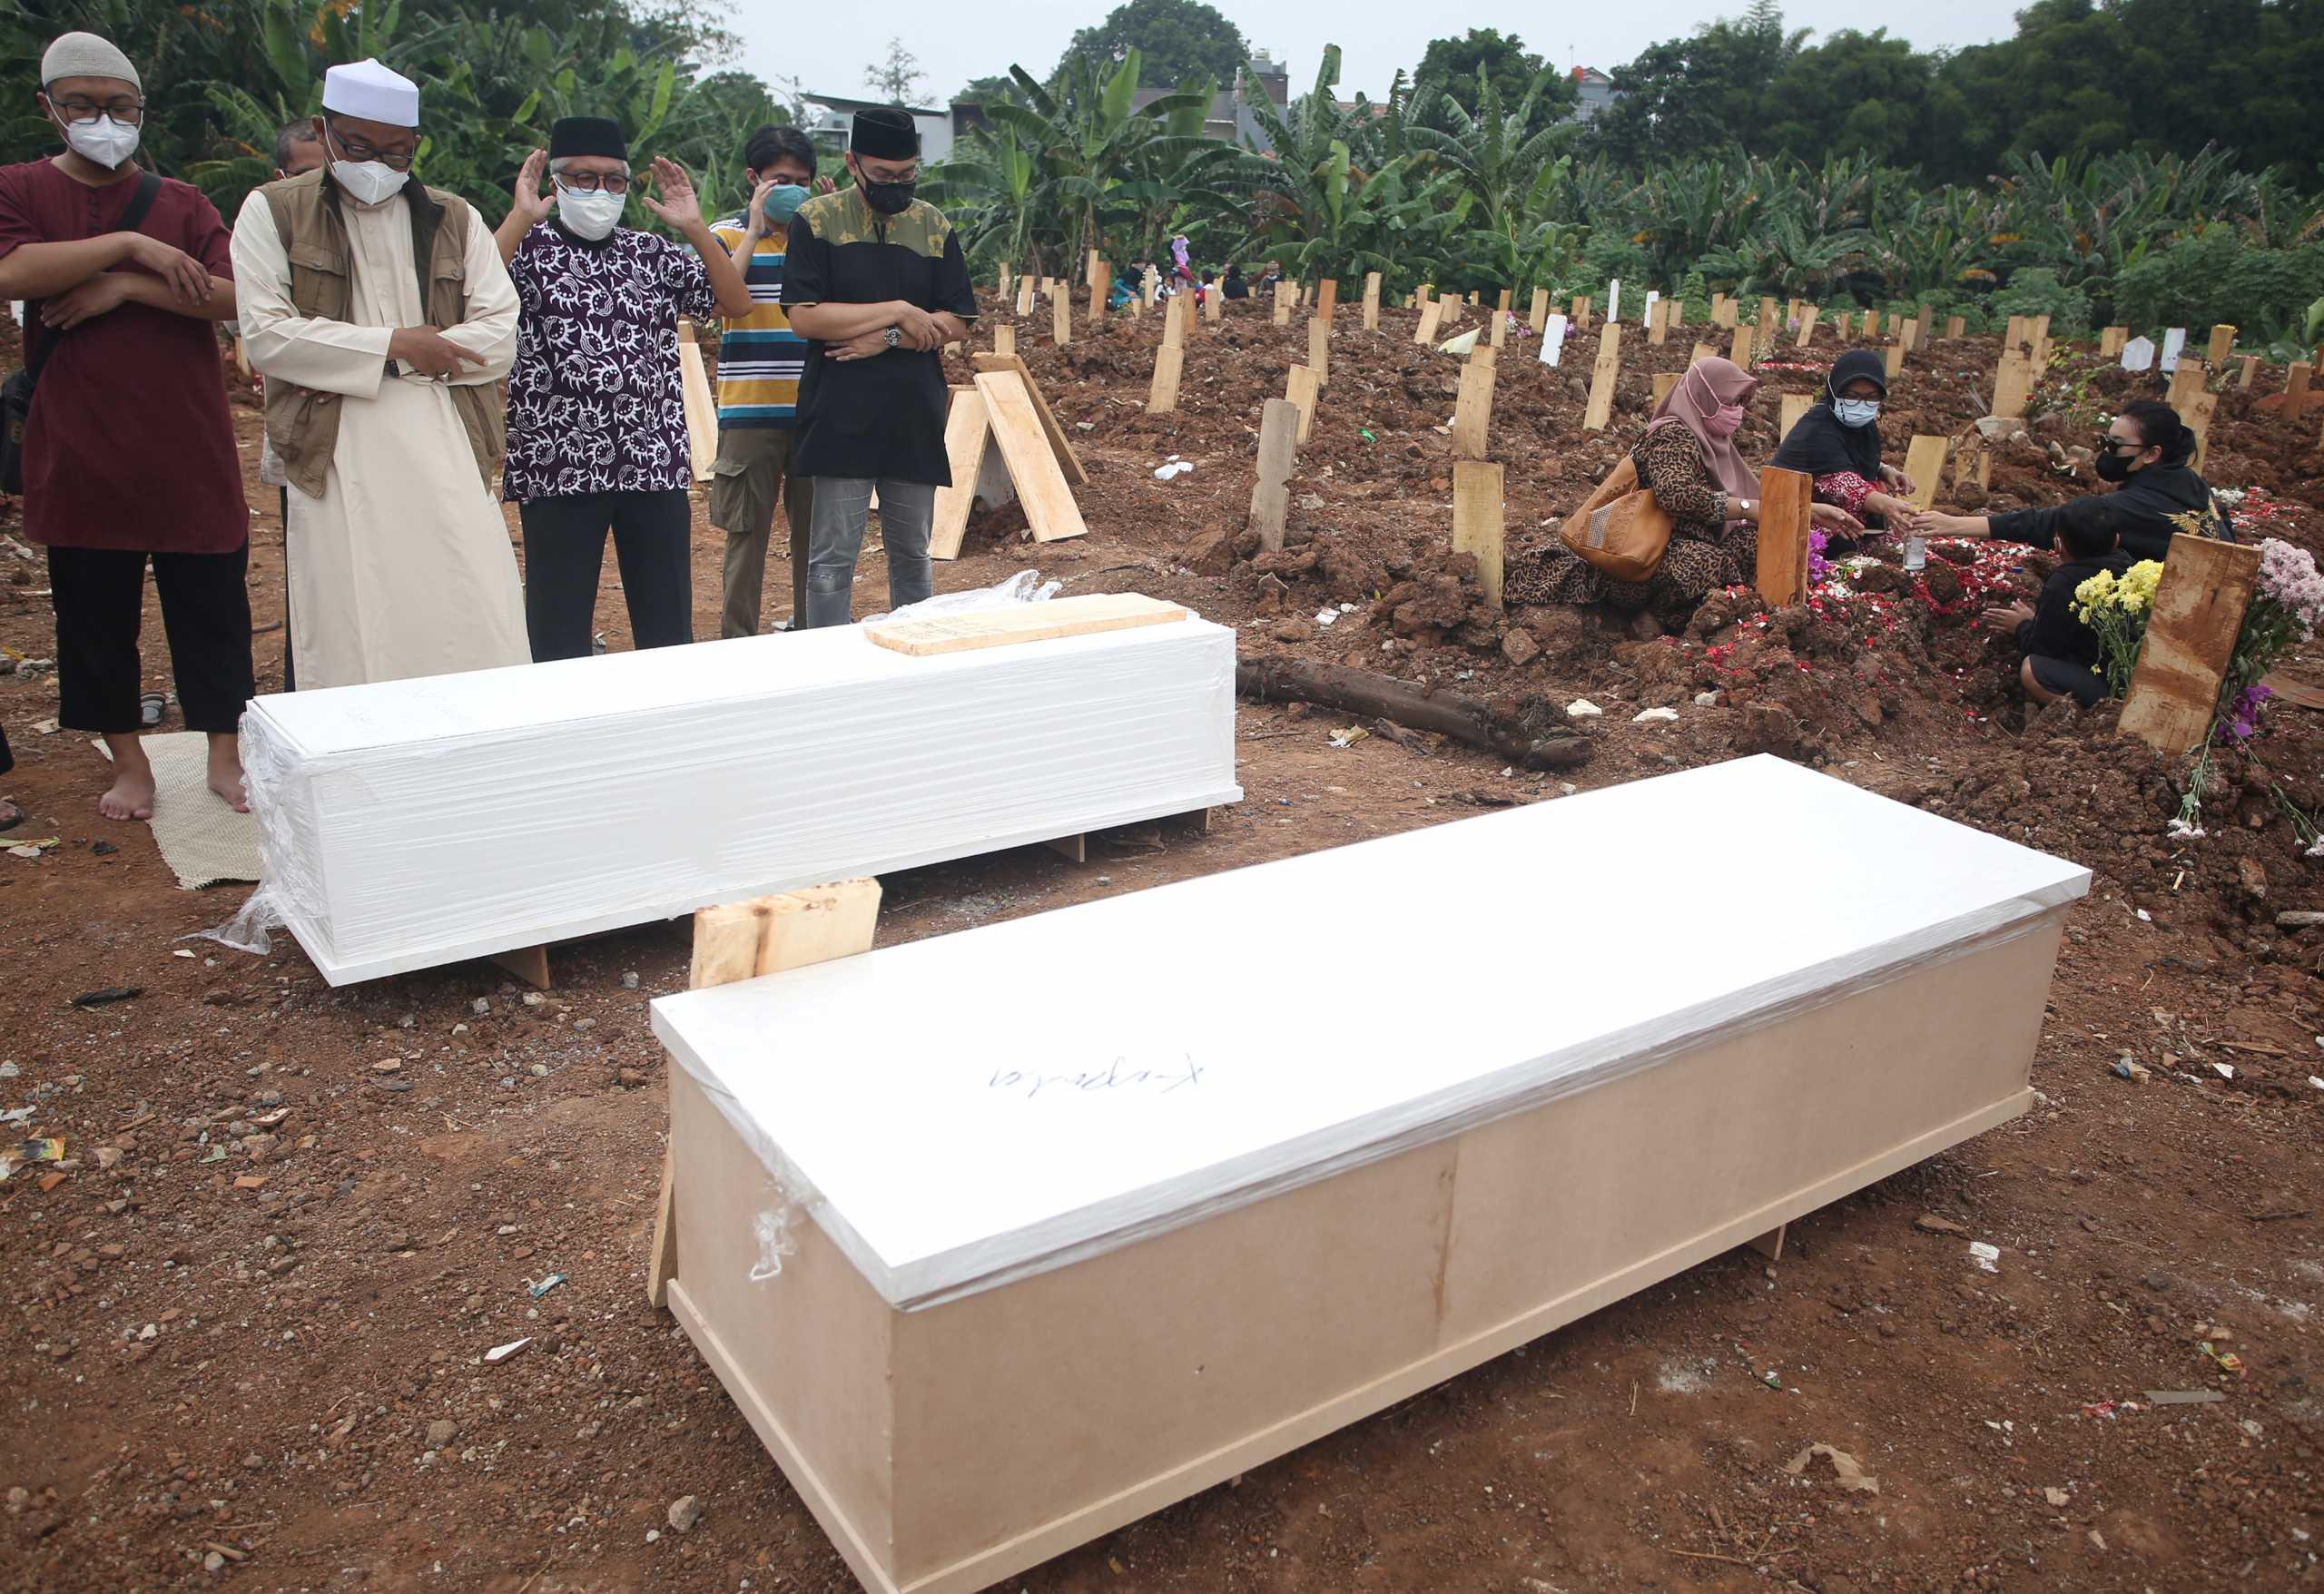 Κορονοϊός: Ρεκόρ στην Ινδονησία με 47.899 νέα κρούσματα σε μία μέρα